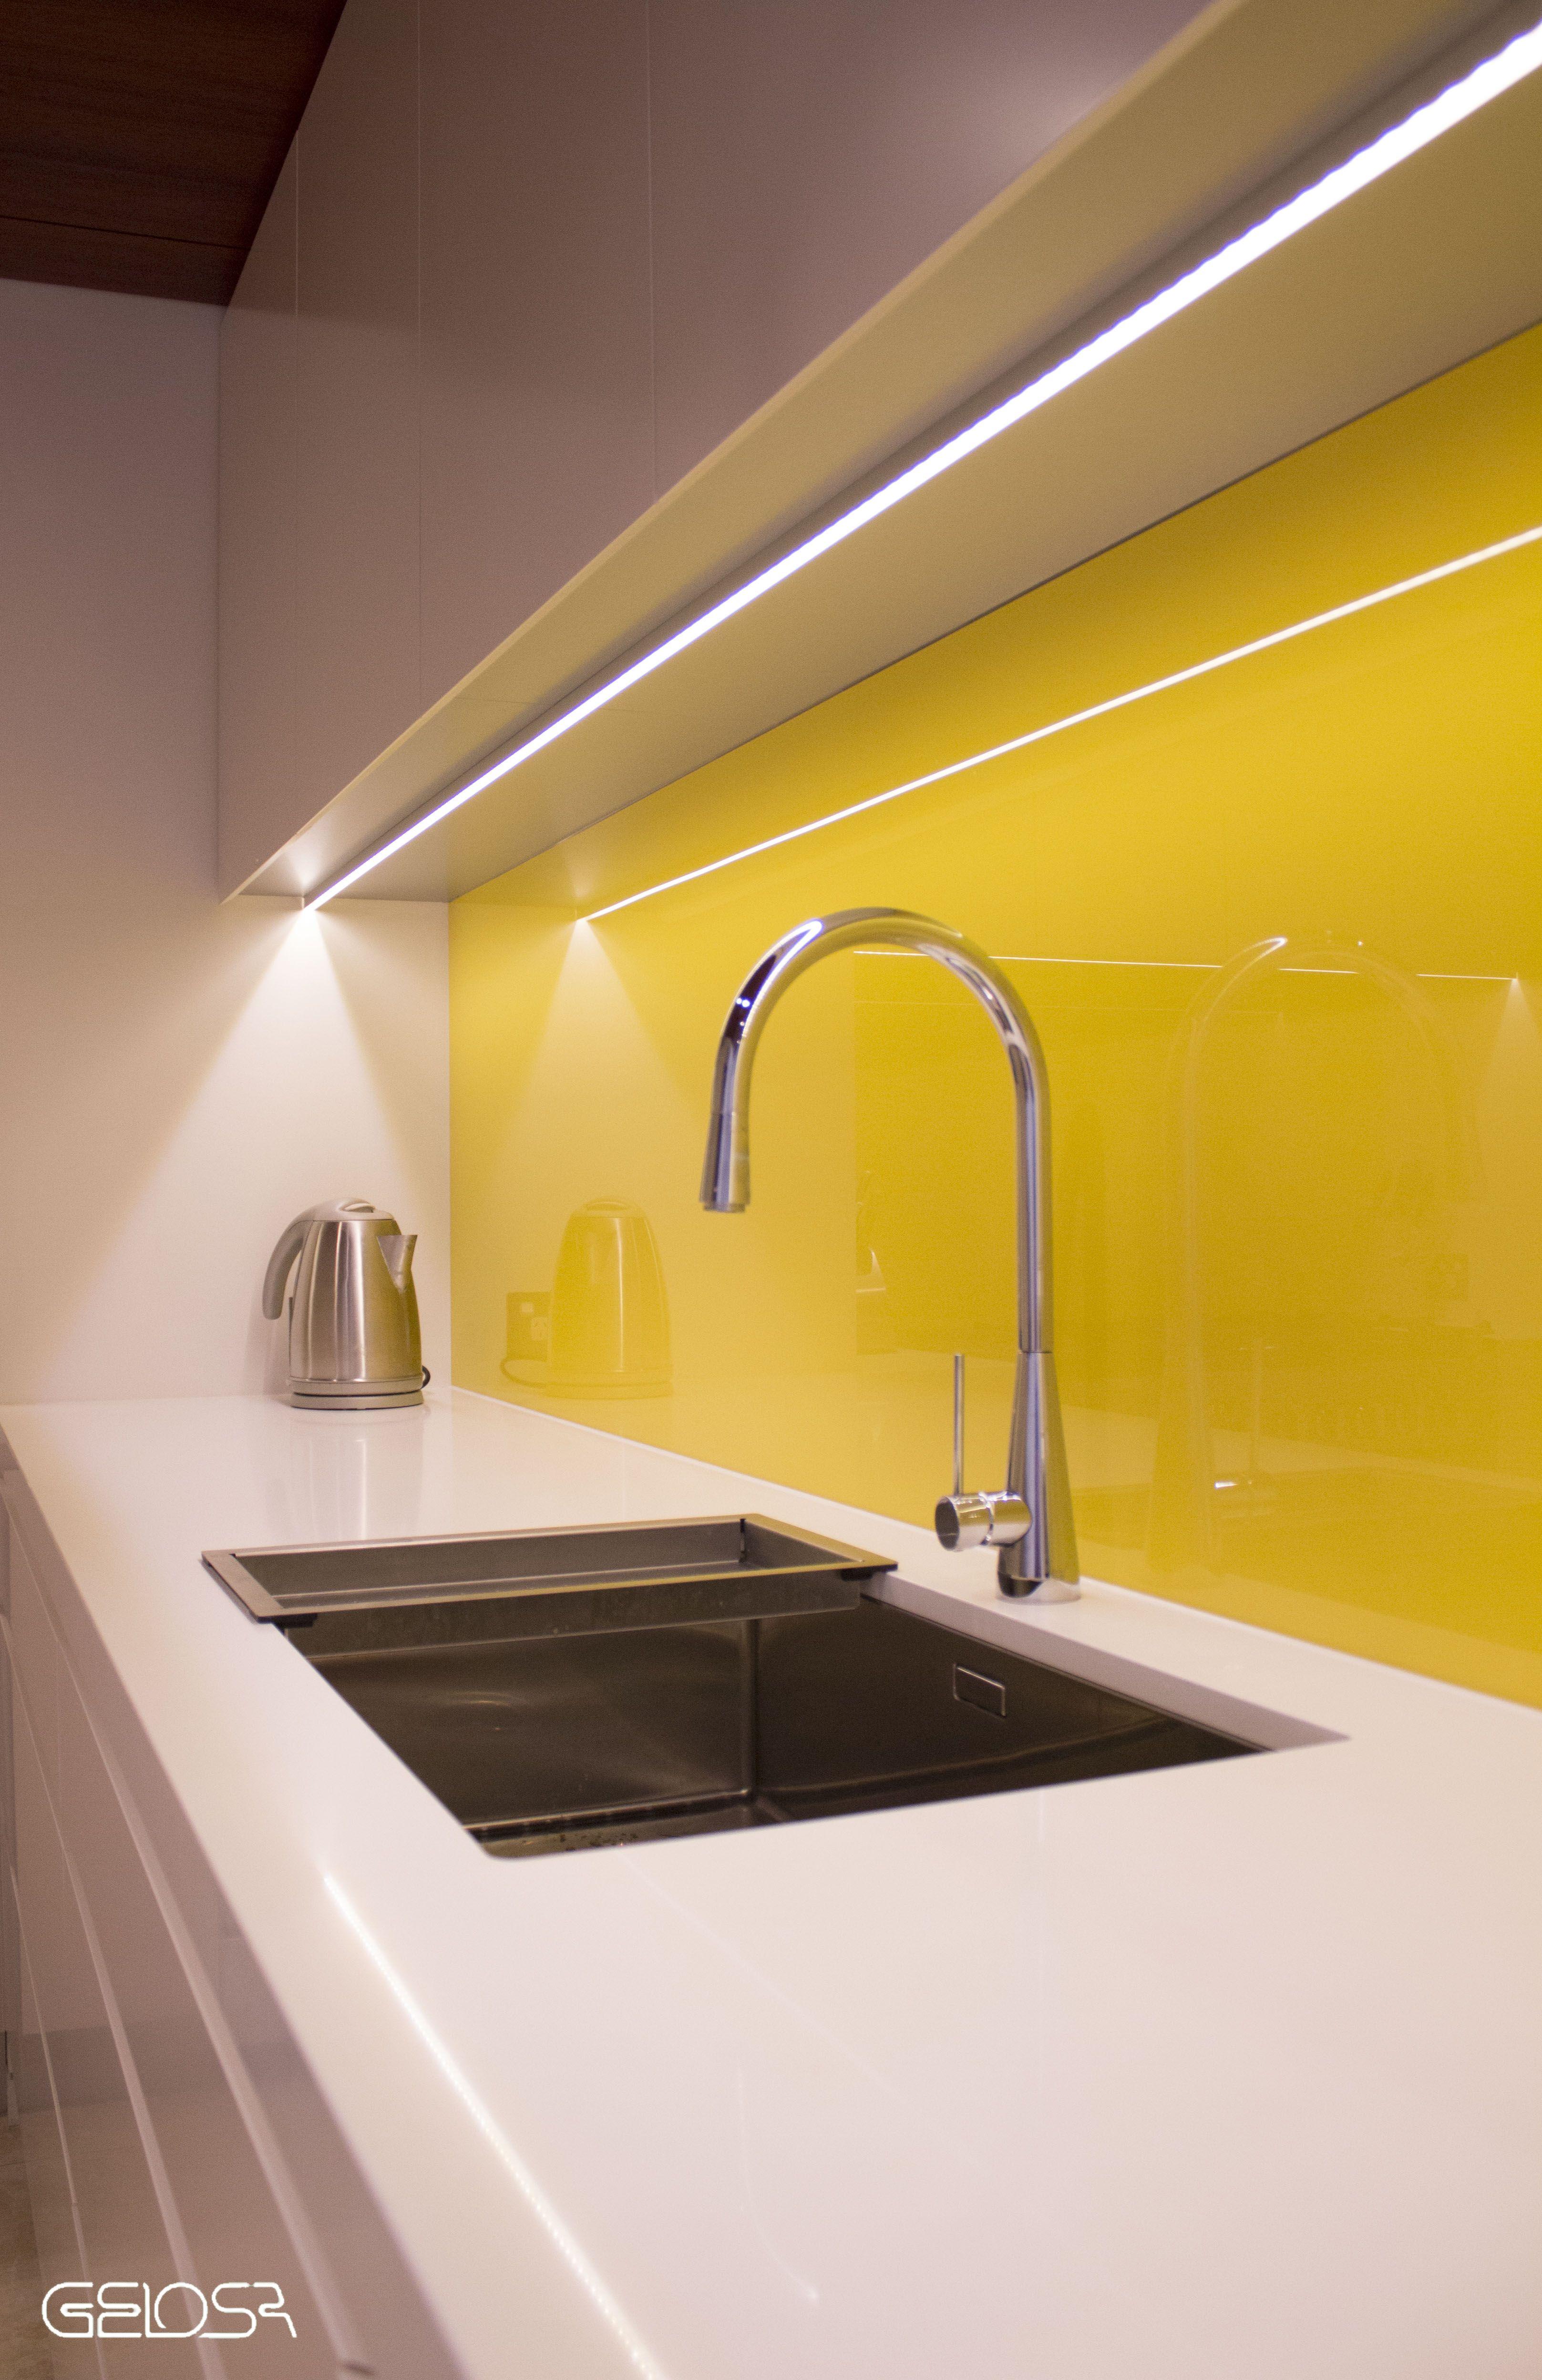 Gelosa Kitchen Undermount Sink Detail With Starphire Glass Splashback And Led Strip Lig Lighting Design Interior Kitchen Led Lighting Kitchen Lighting Design